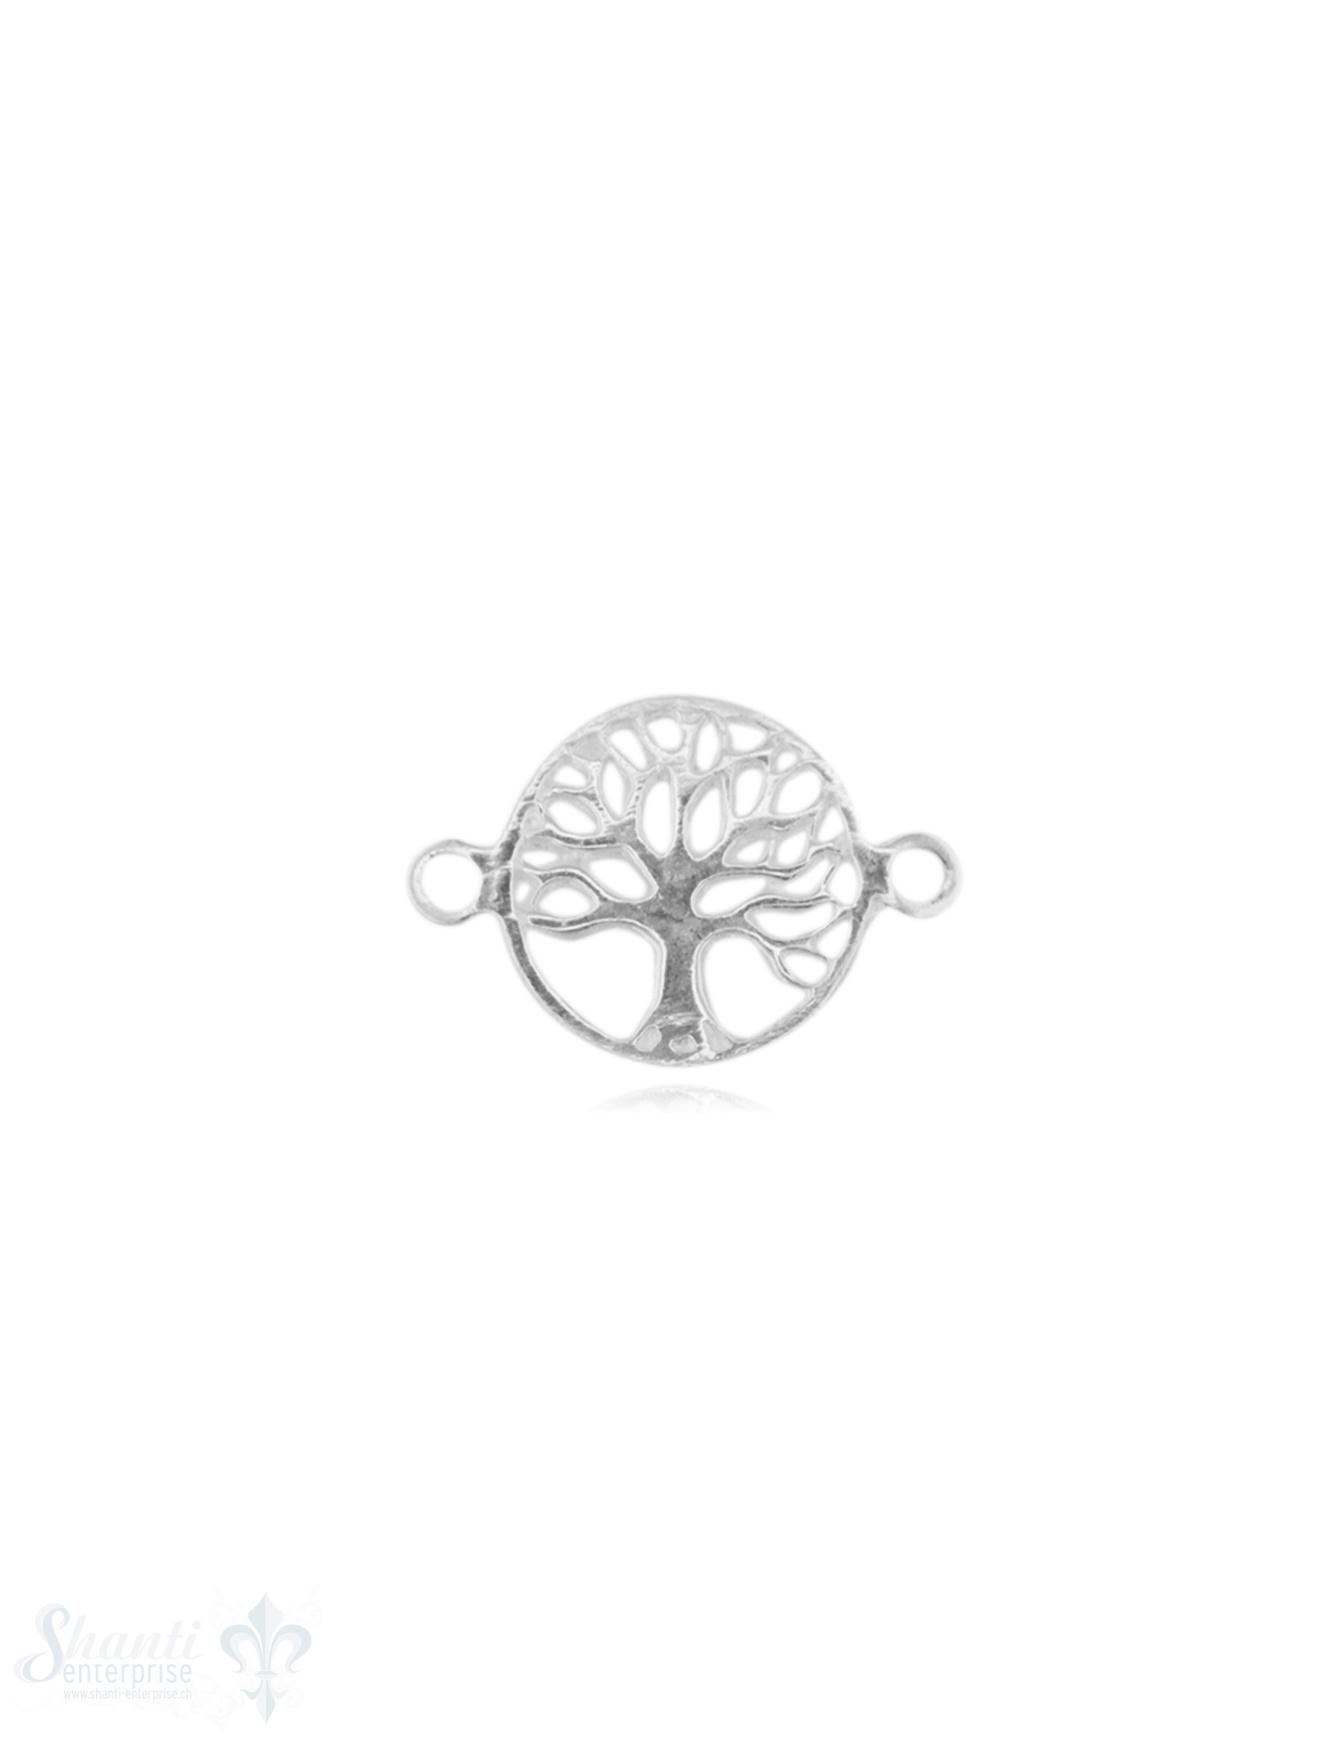 SIlberteil mit Doppelösen hell Lebensbaum 16x11 mm